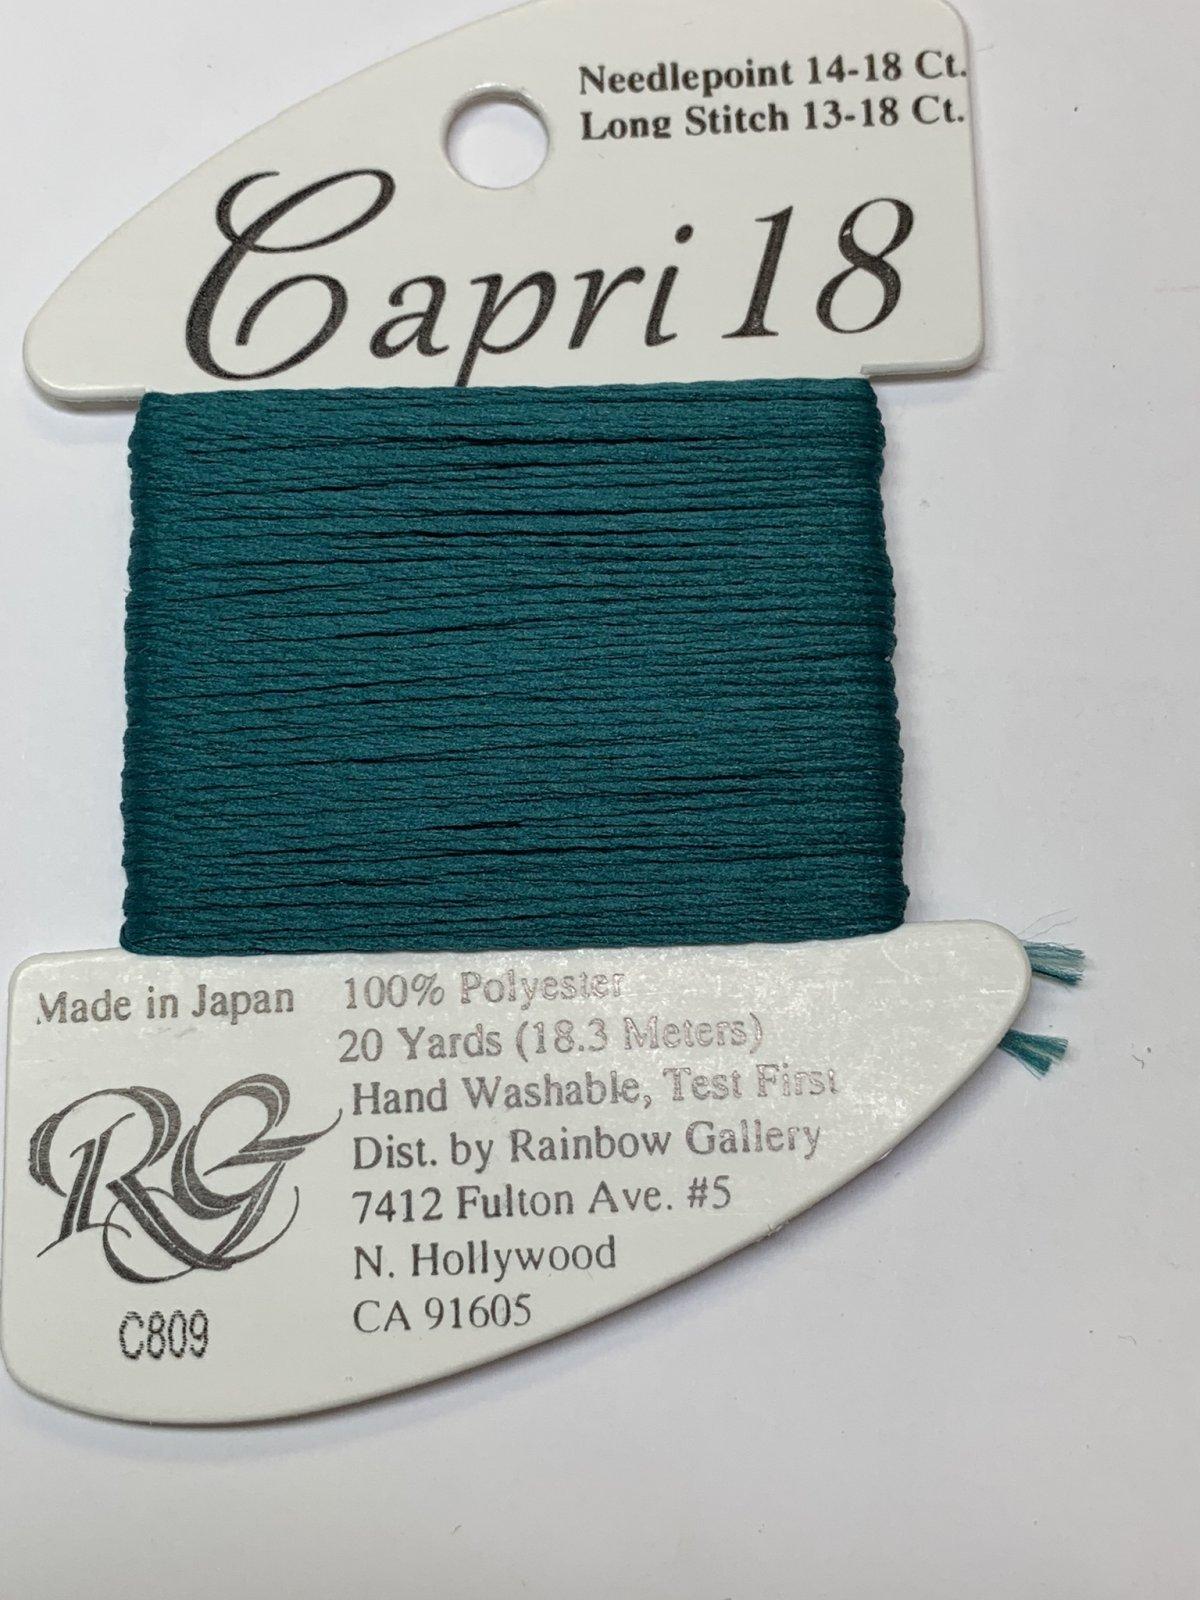 CAPRI-18-C809-TEAL GREEN